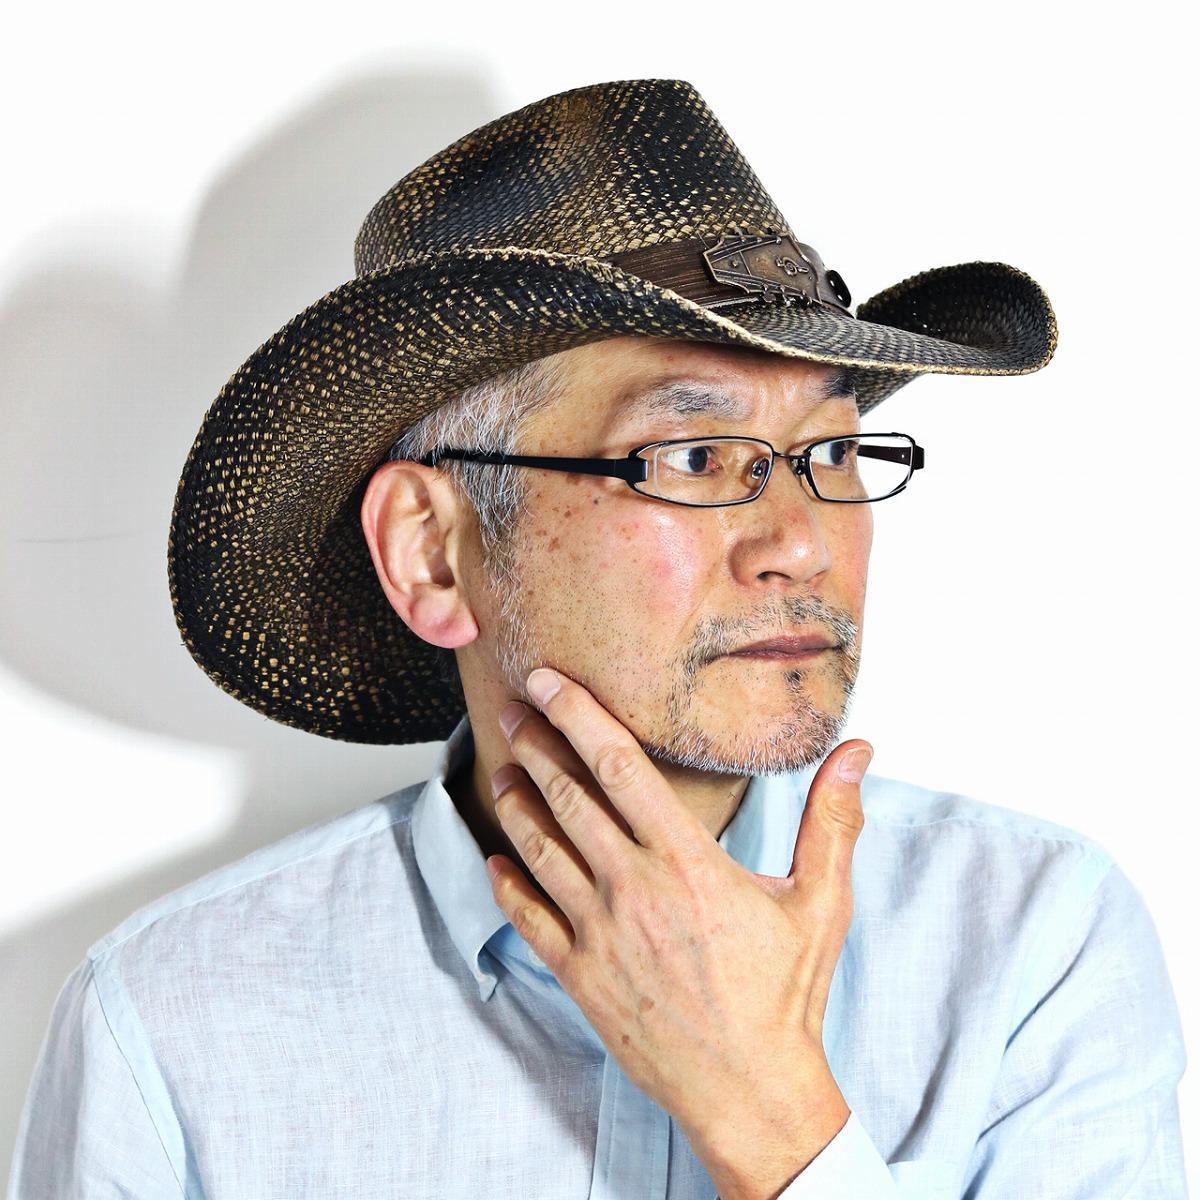 カリフォルニアハット 本パナマ テンガロンハット ギター バックルベルト カウボーイ ハット California Hat Company Inc. メンズ 帽子 日除け 春夏 パナマハット カウボーイ ヴィンテージ ストローハット ワイドブリムブラック ステイン [ cowboy hat ] [ panama hat ]